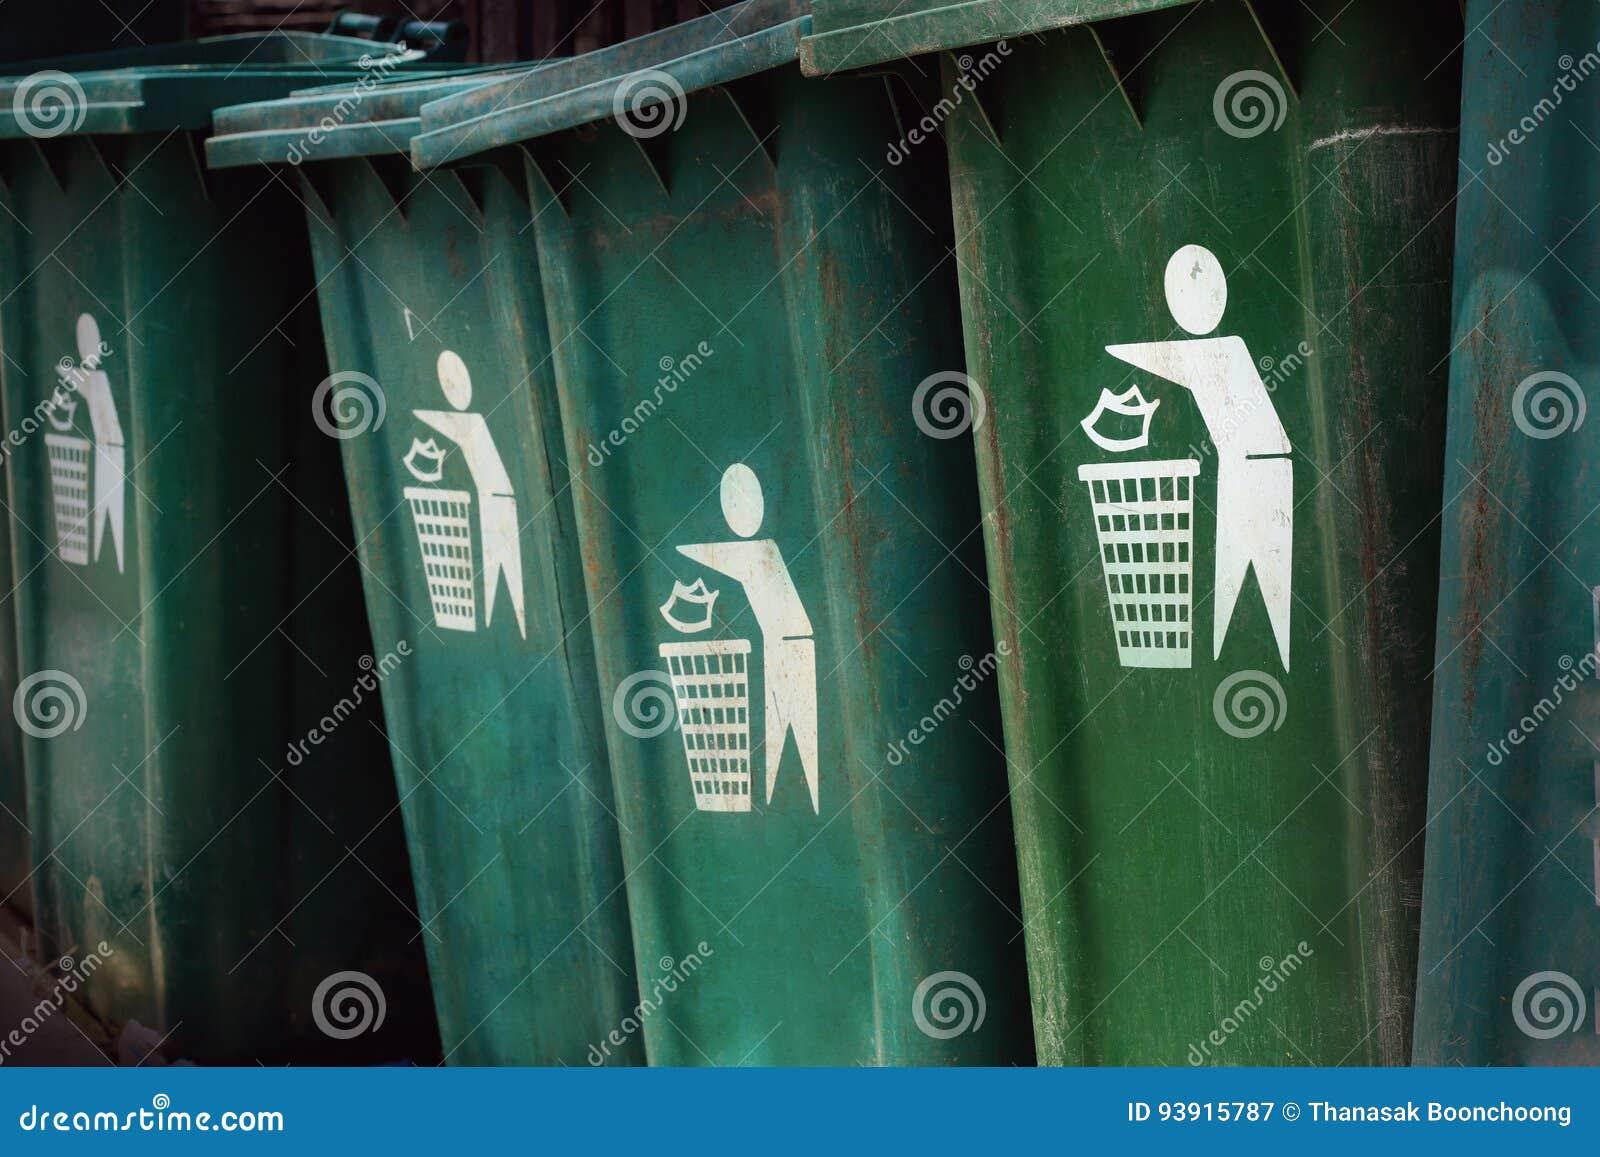 Зеленый ящик Пожалуйста засоряйте в ящики символ